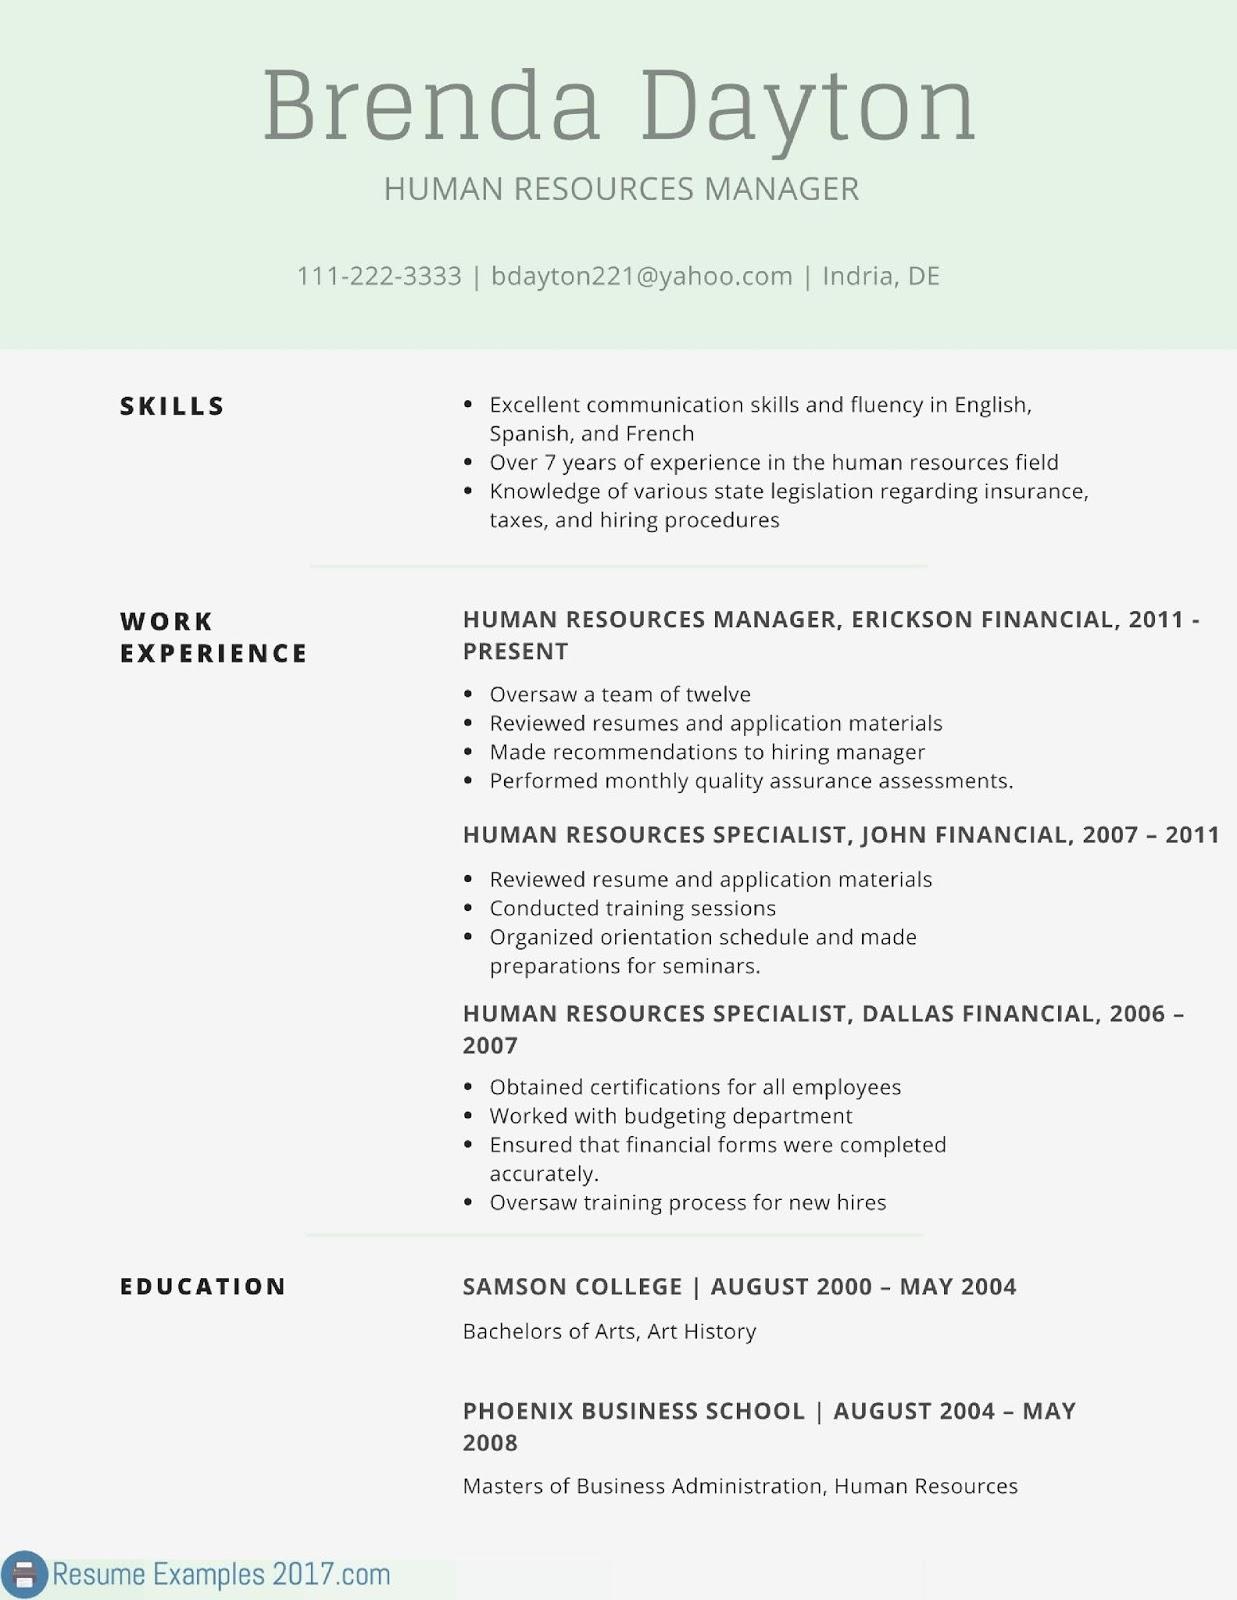 proper resume format proper resume format 2019 proper resume format for job proper resume format download proper resume format pdf proper resume format samples proper resume format for freshers proper resume format philippines proper resume format for engineering students proper resume format examples proper resume format for high school students proper resume format 2018 proper resume format 2017 proper resume format font size proper resume format canada